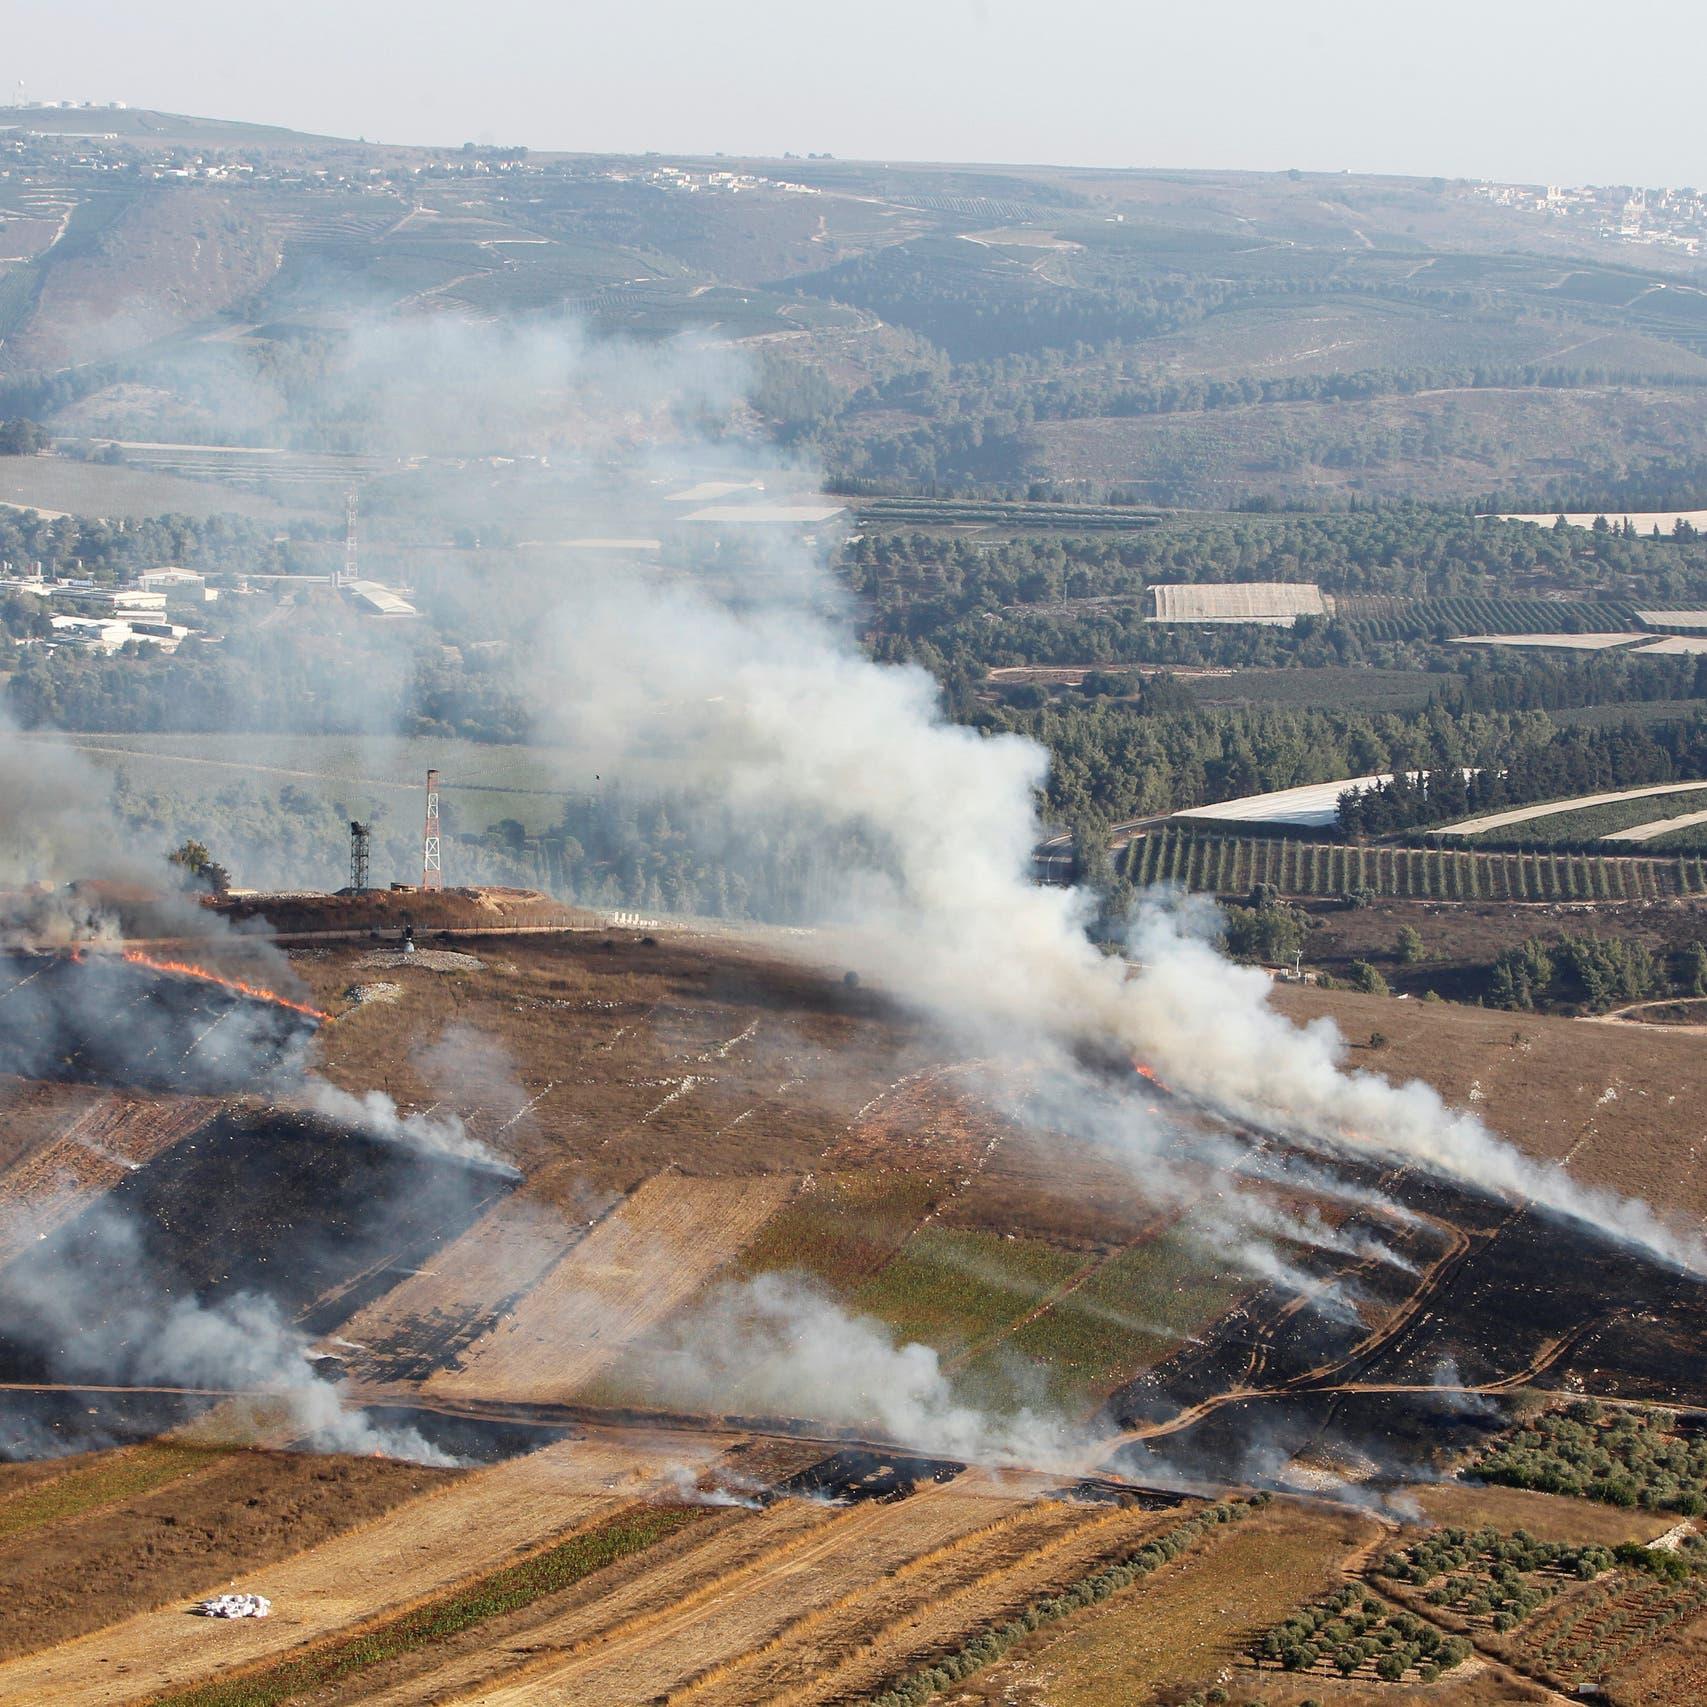 حزب الله يعلن استهداف آلية إسرائيلية.. وتل أبيب ترد